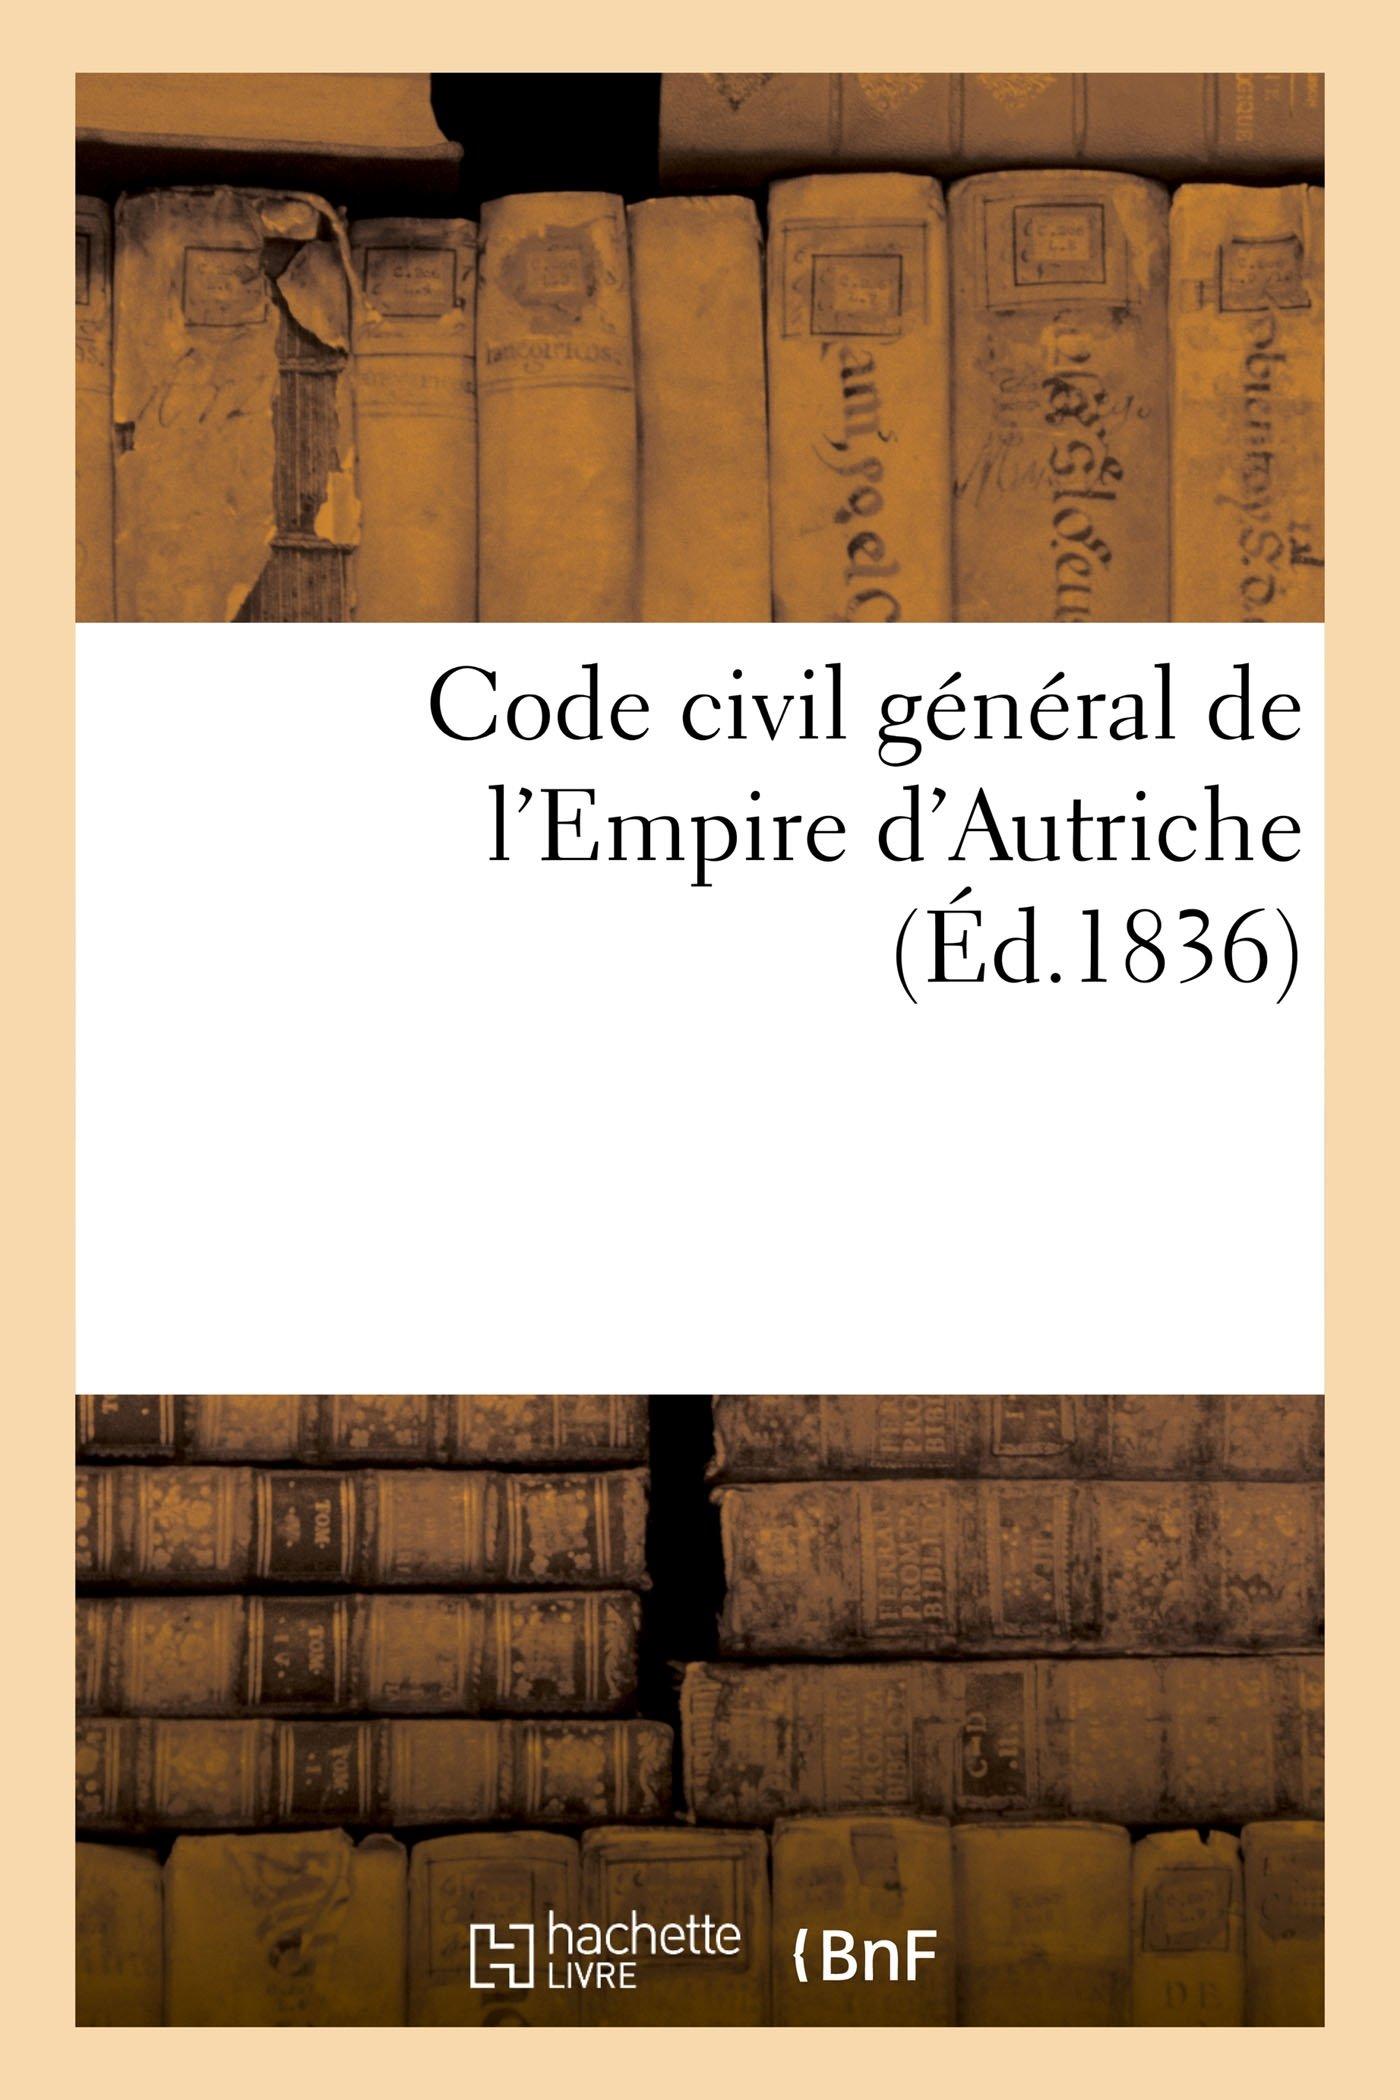 Code civil général de l'Empire d'Autriche Broché – 1 octobre 2016 Alexandre de Clercq Hachette Livre BNF 2011346525 Droit général